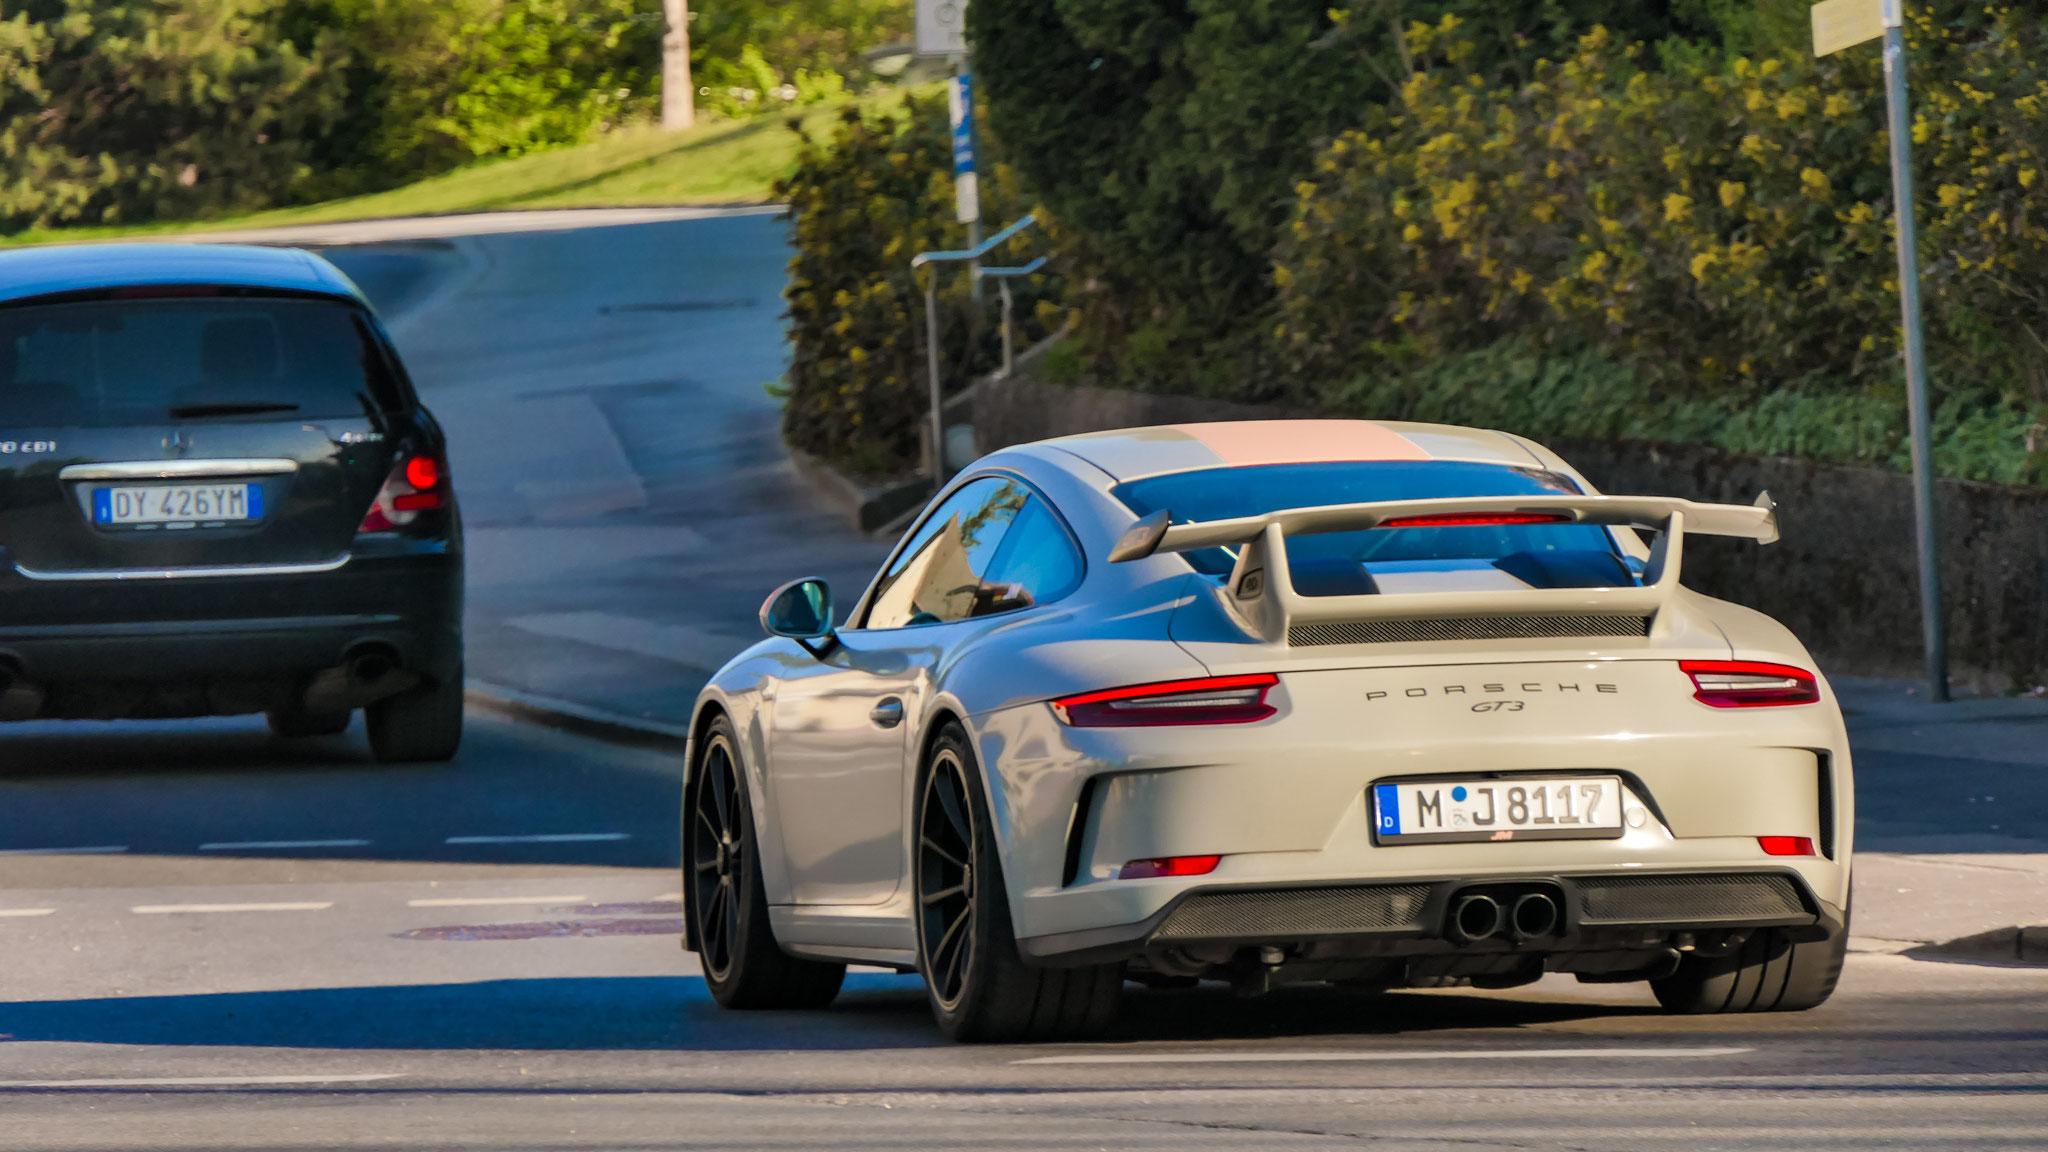 Porsche 991 GT3 - M-J-8117